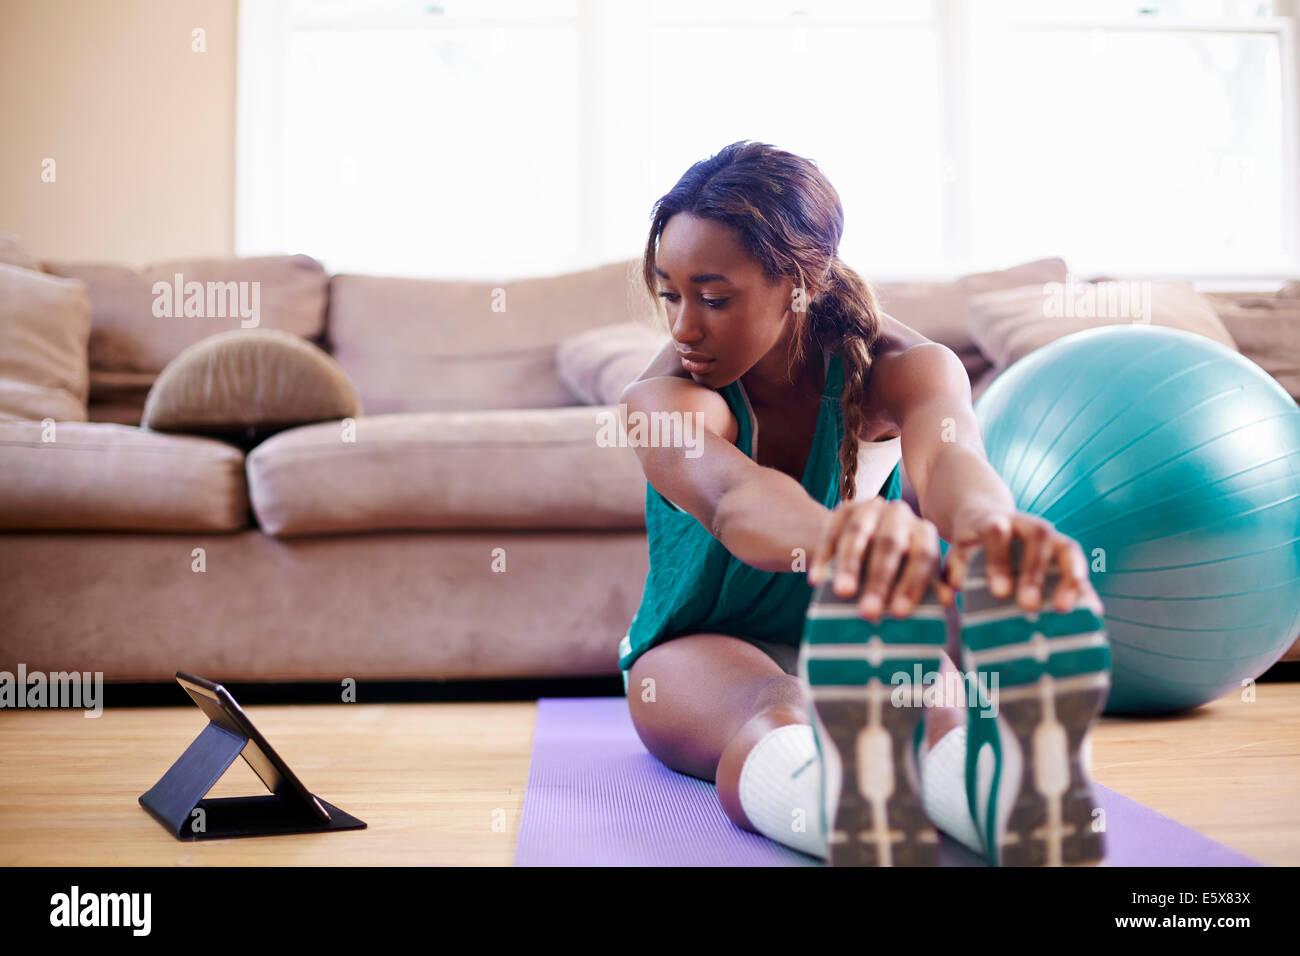 Mujer joven ejercer sobre el suelo de la sala de estar, mientras que mira tableta digital Imagen De Stock